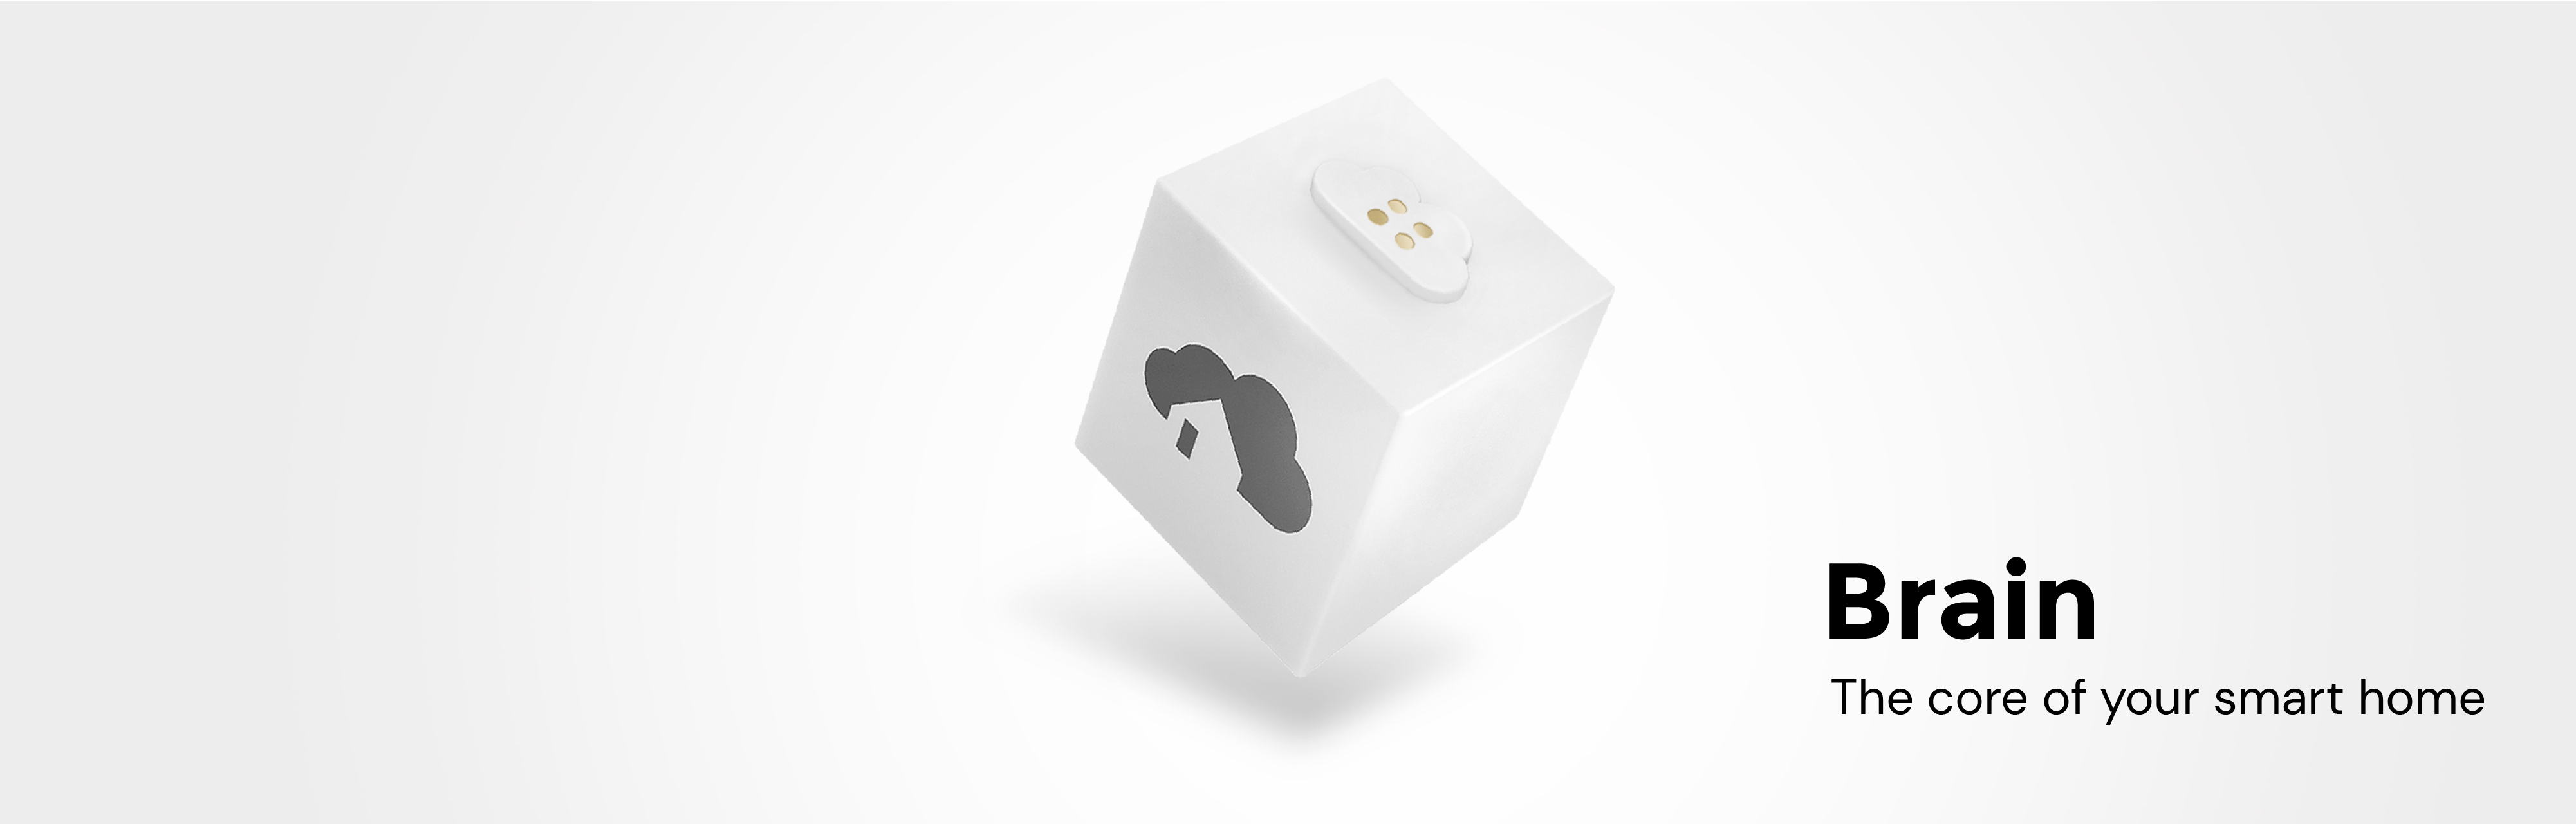 Die Vorteile des homee Brain Cube